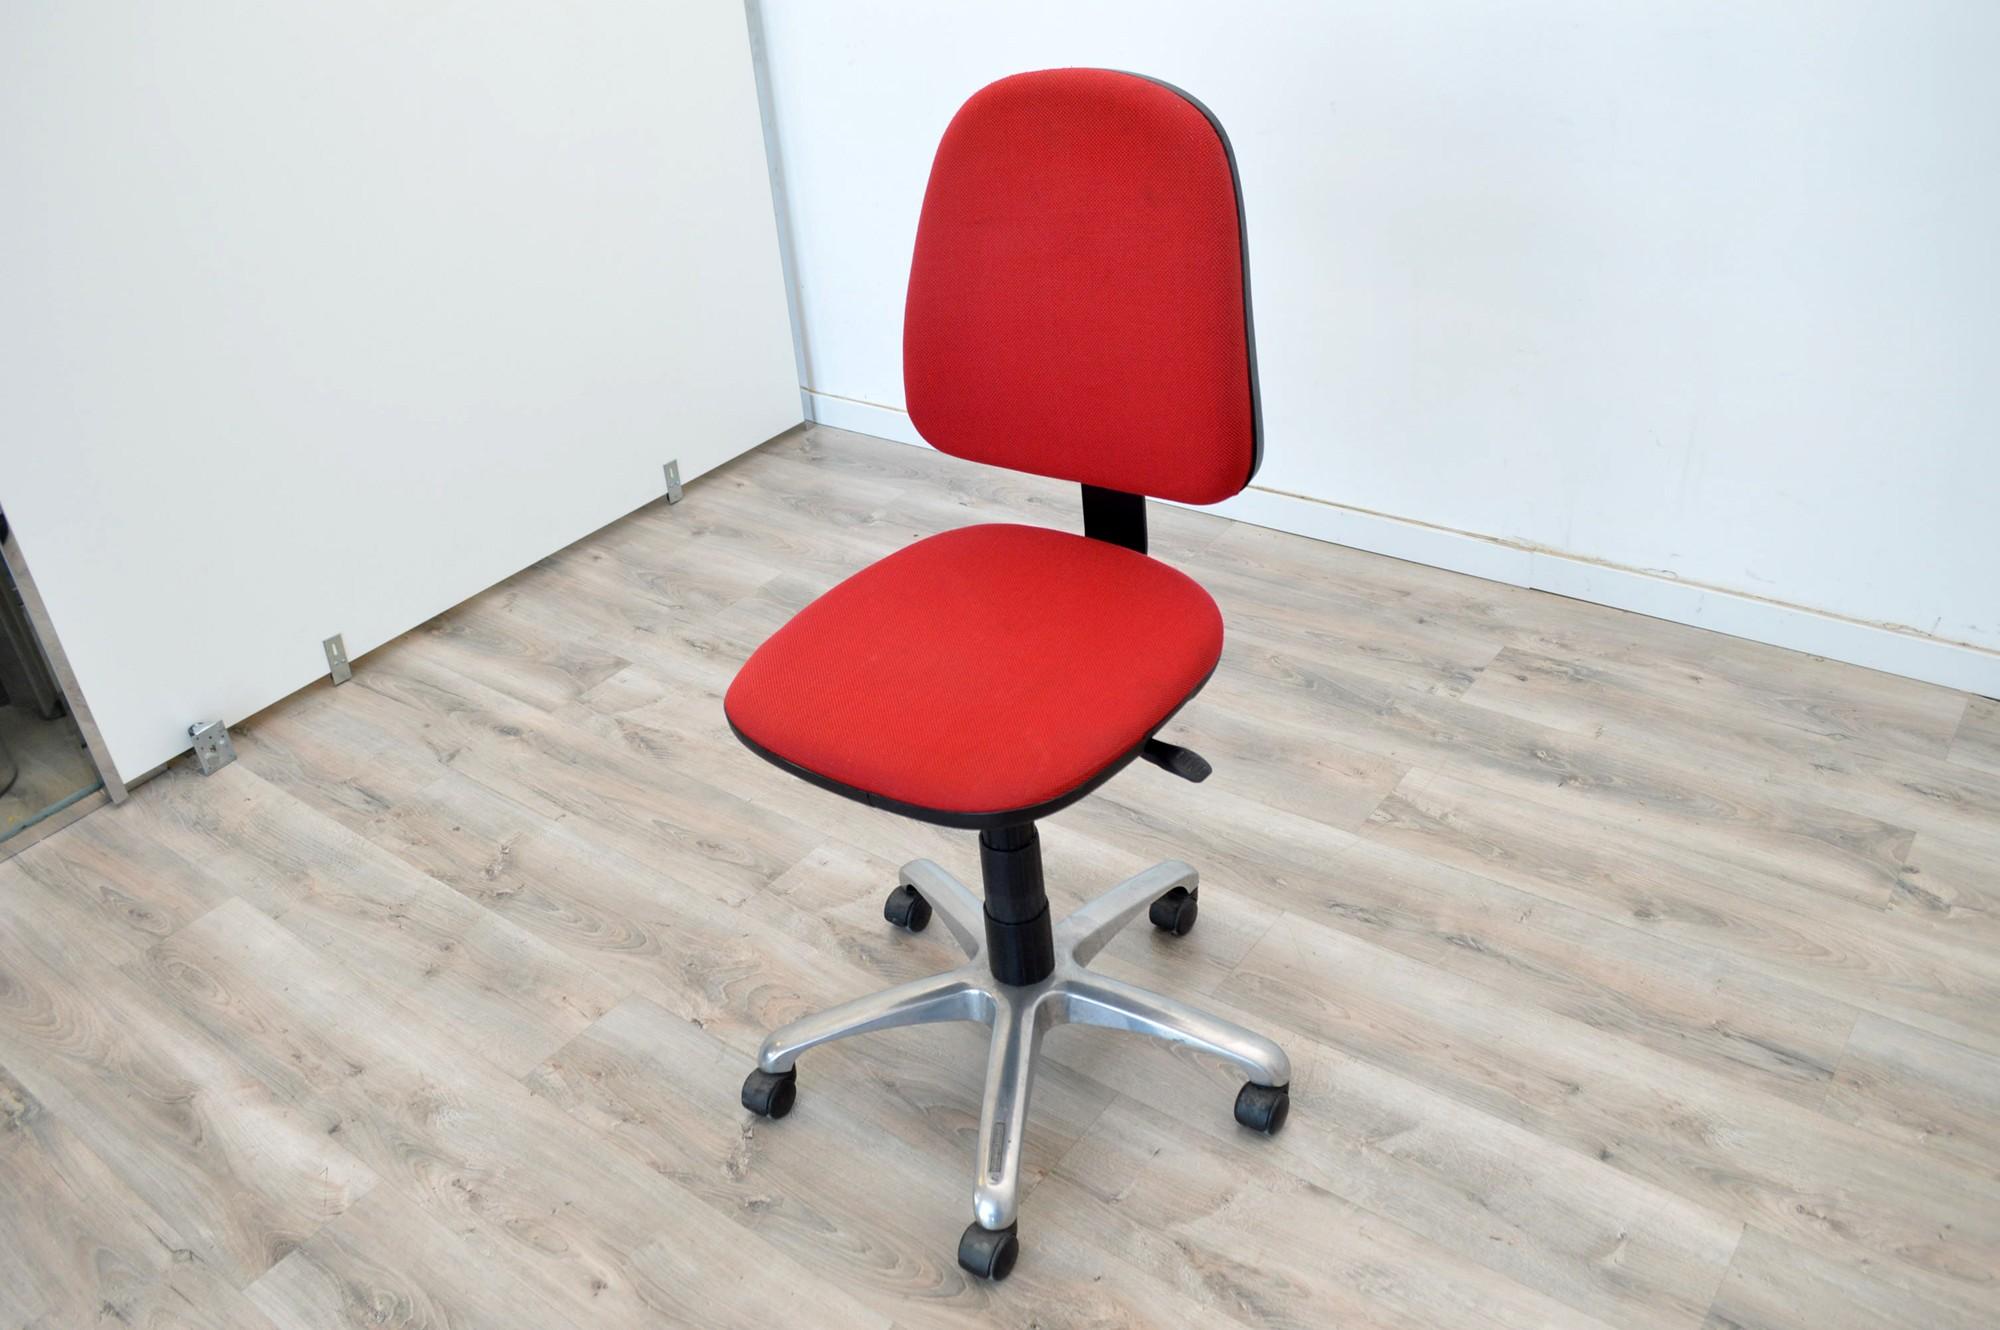 Sillas Operativas Estudio 51 A15 Factory S L  # Luyando Muebles De Oficina